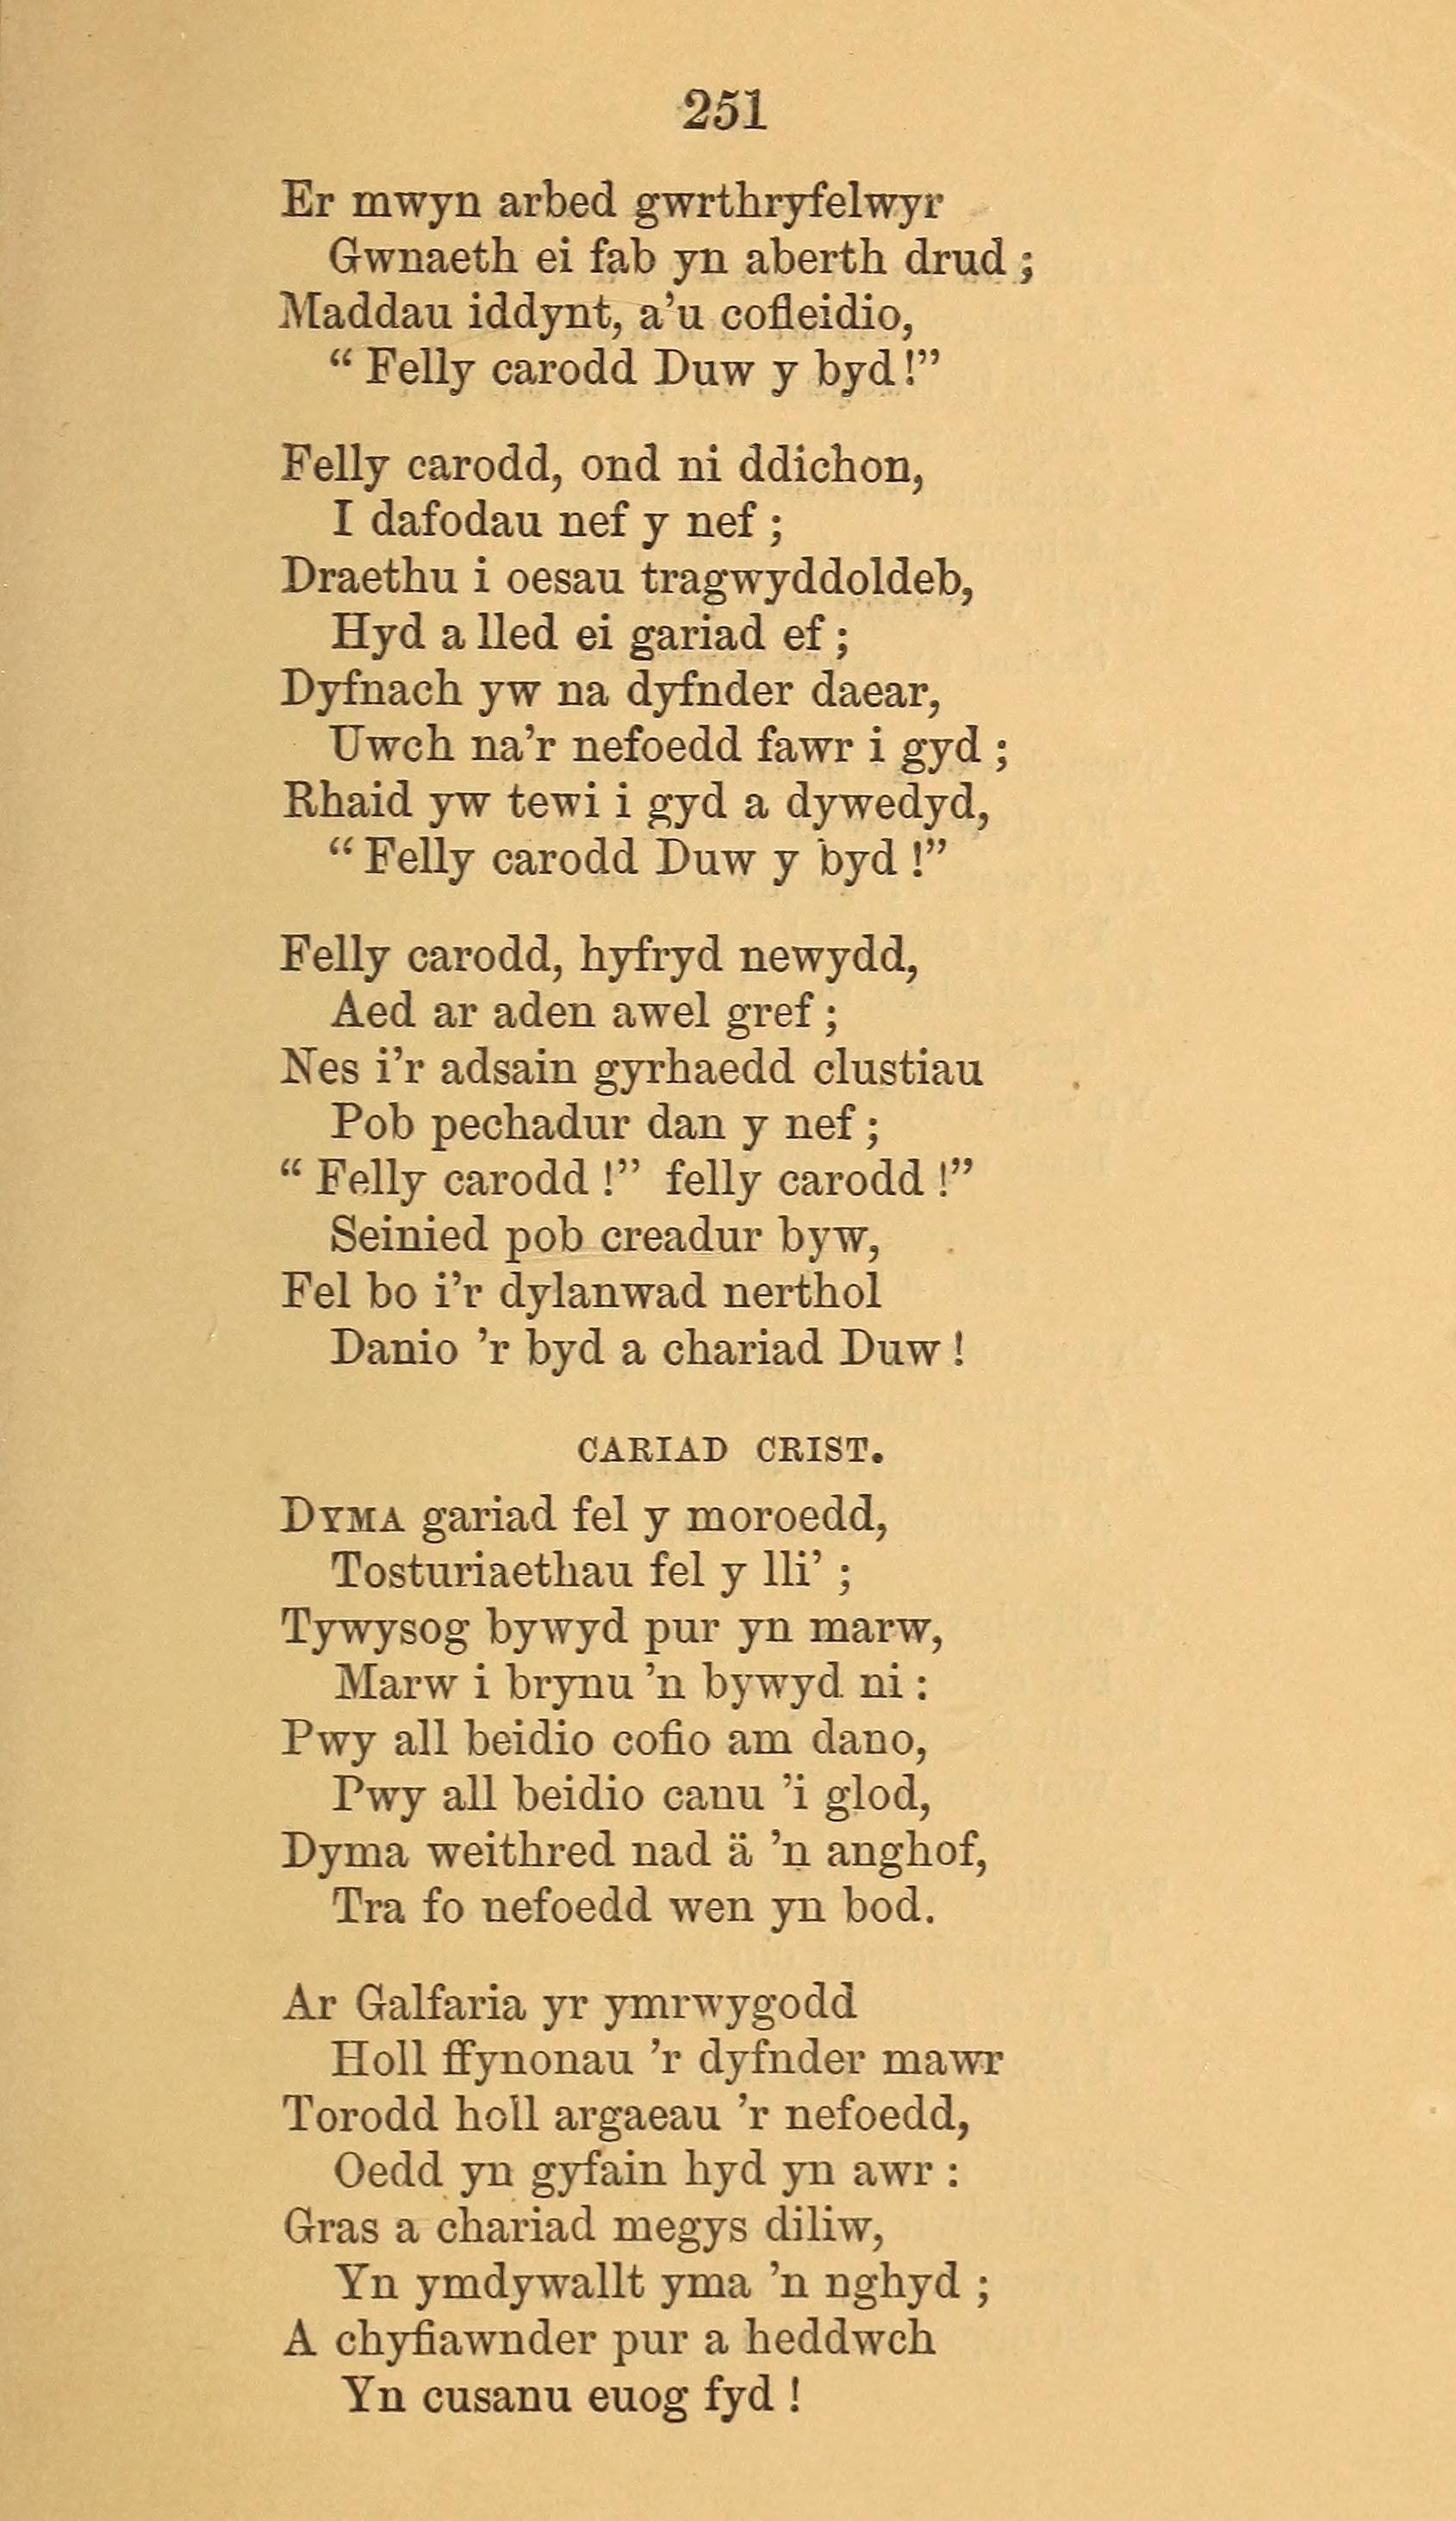 Fig. 2.  Gwilym Hiraethog,  Caniadau Hiraethog  (Dinbych: Thomas Gee, 1855).